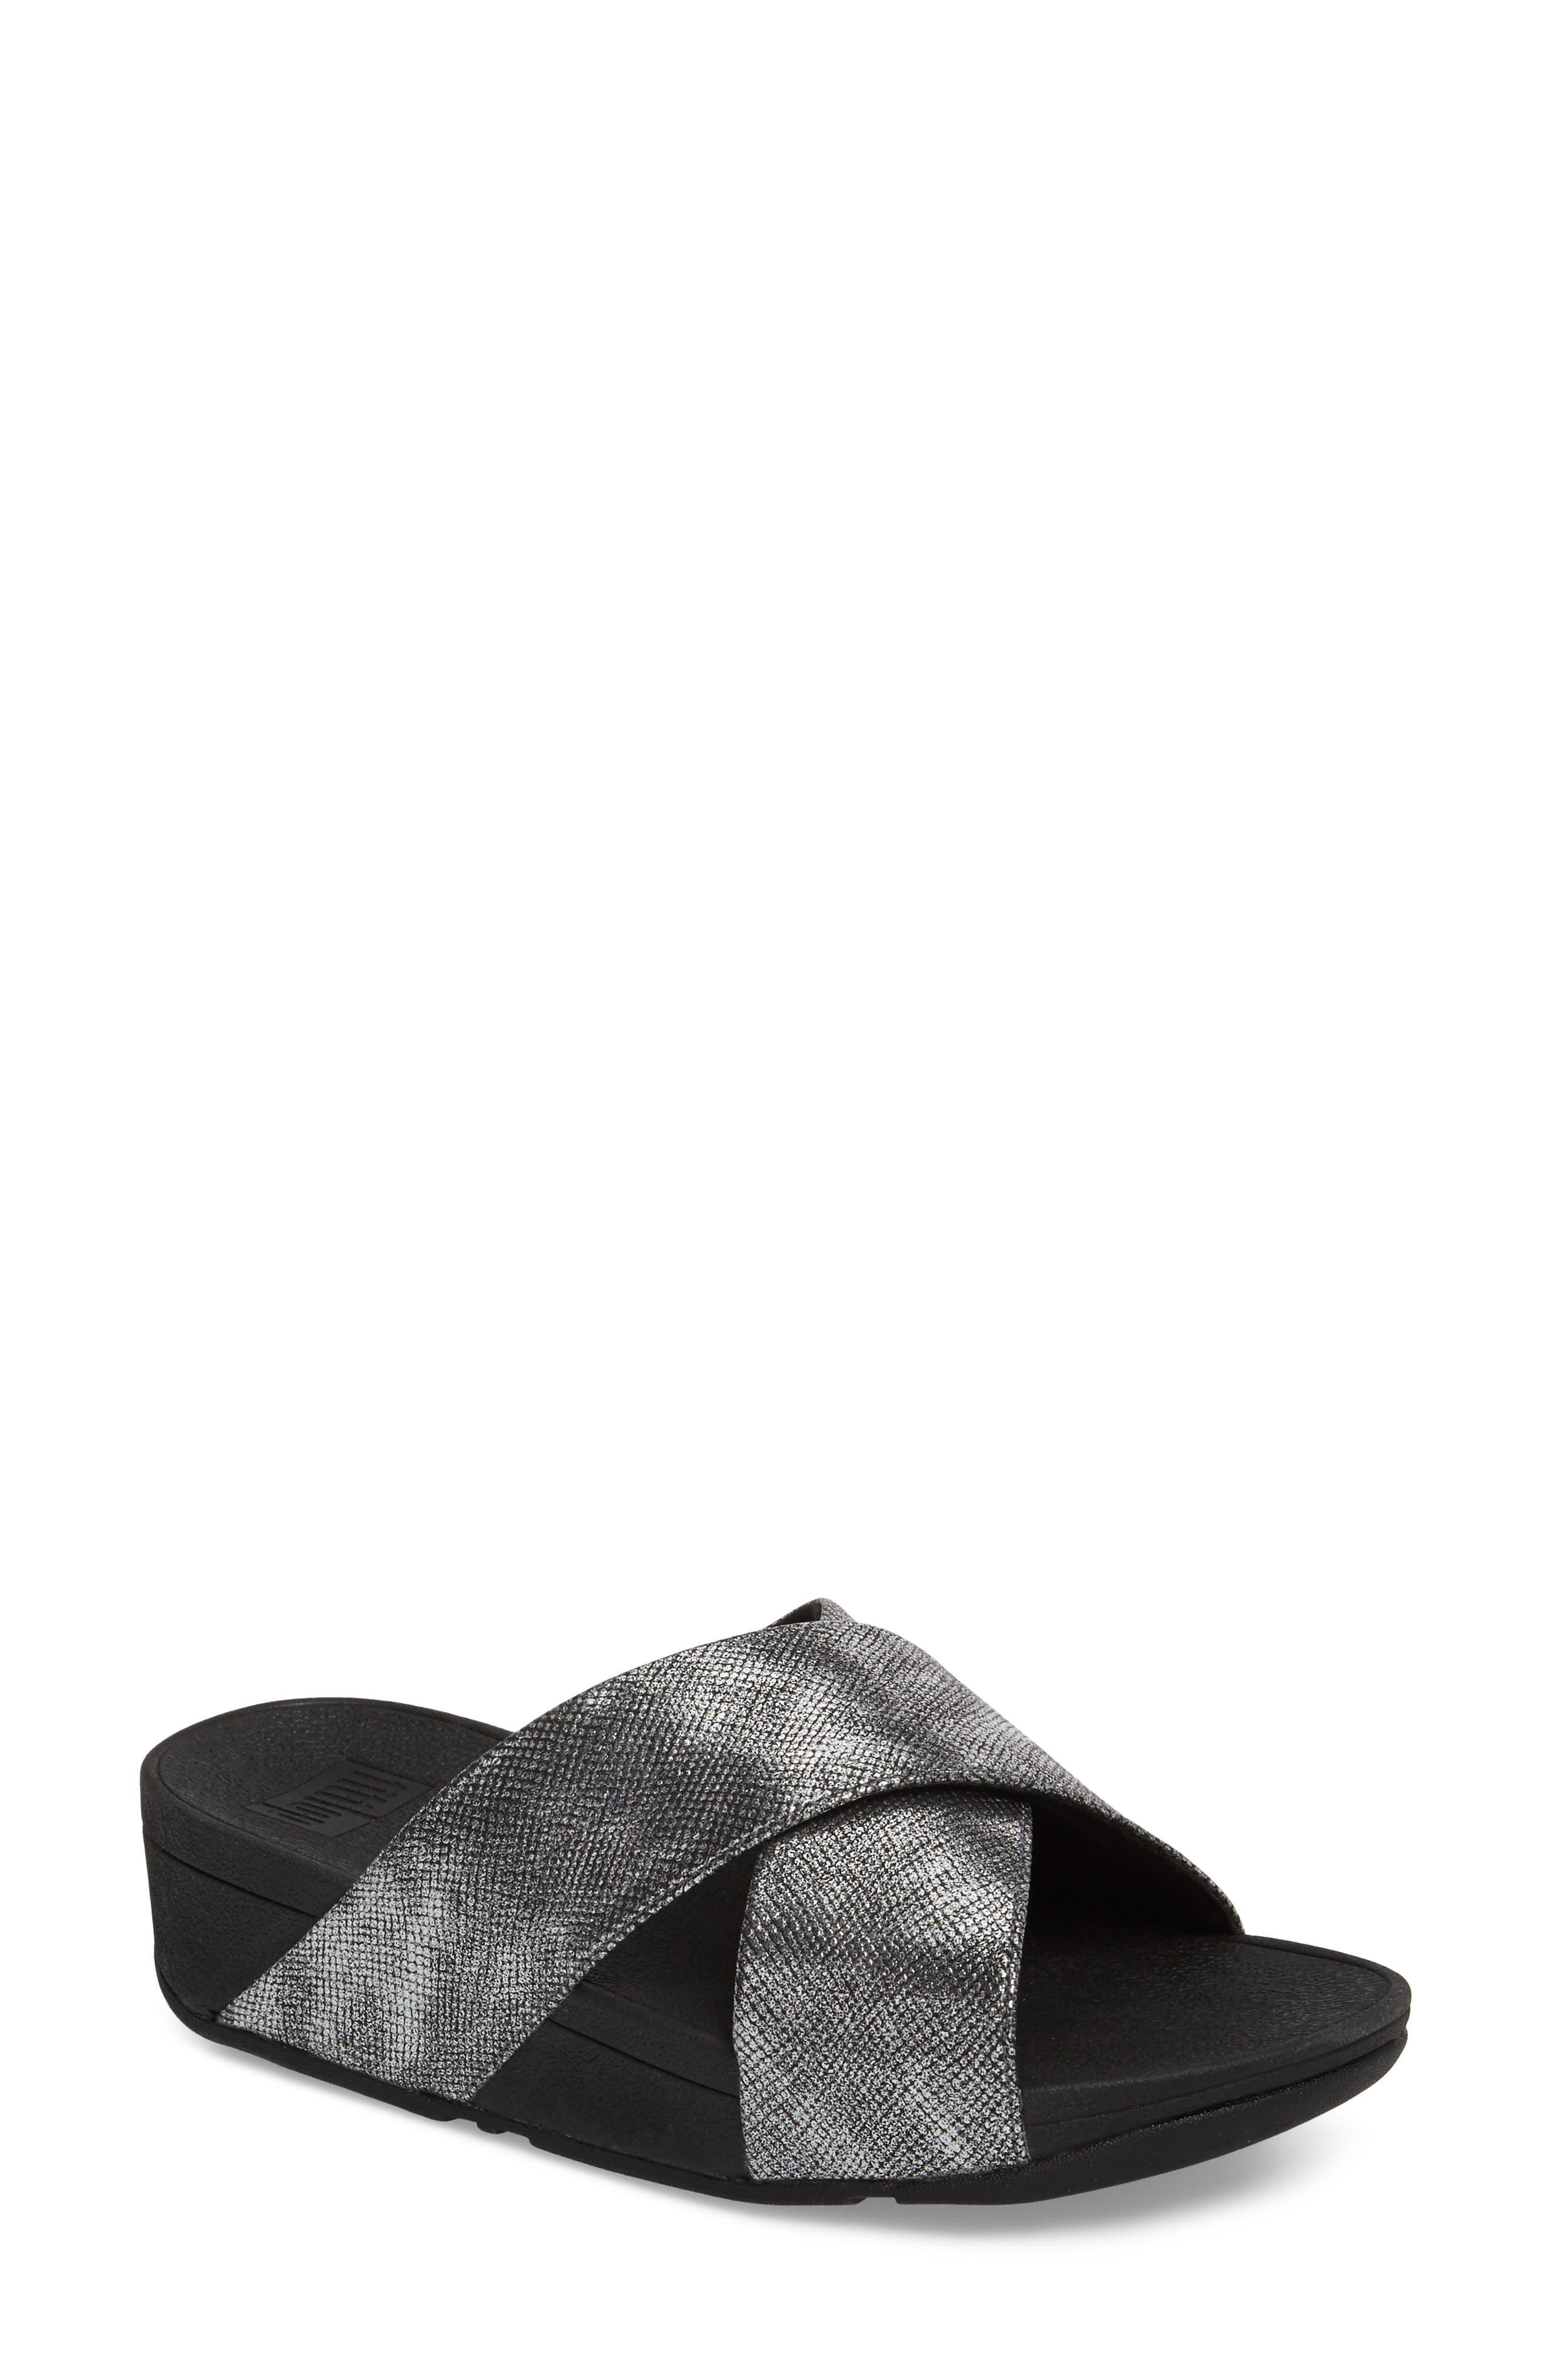 Main Image - FitFlop Lulu Cross Slide Sandal (Women)